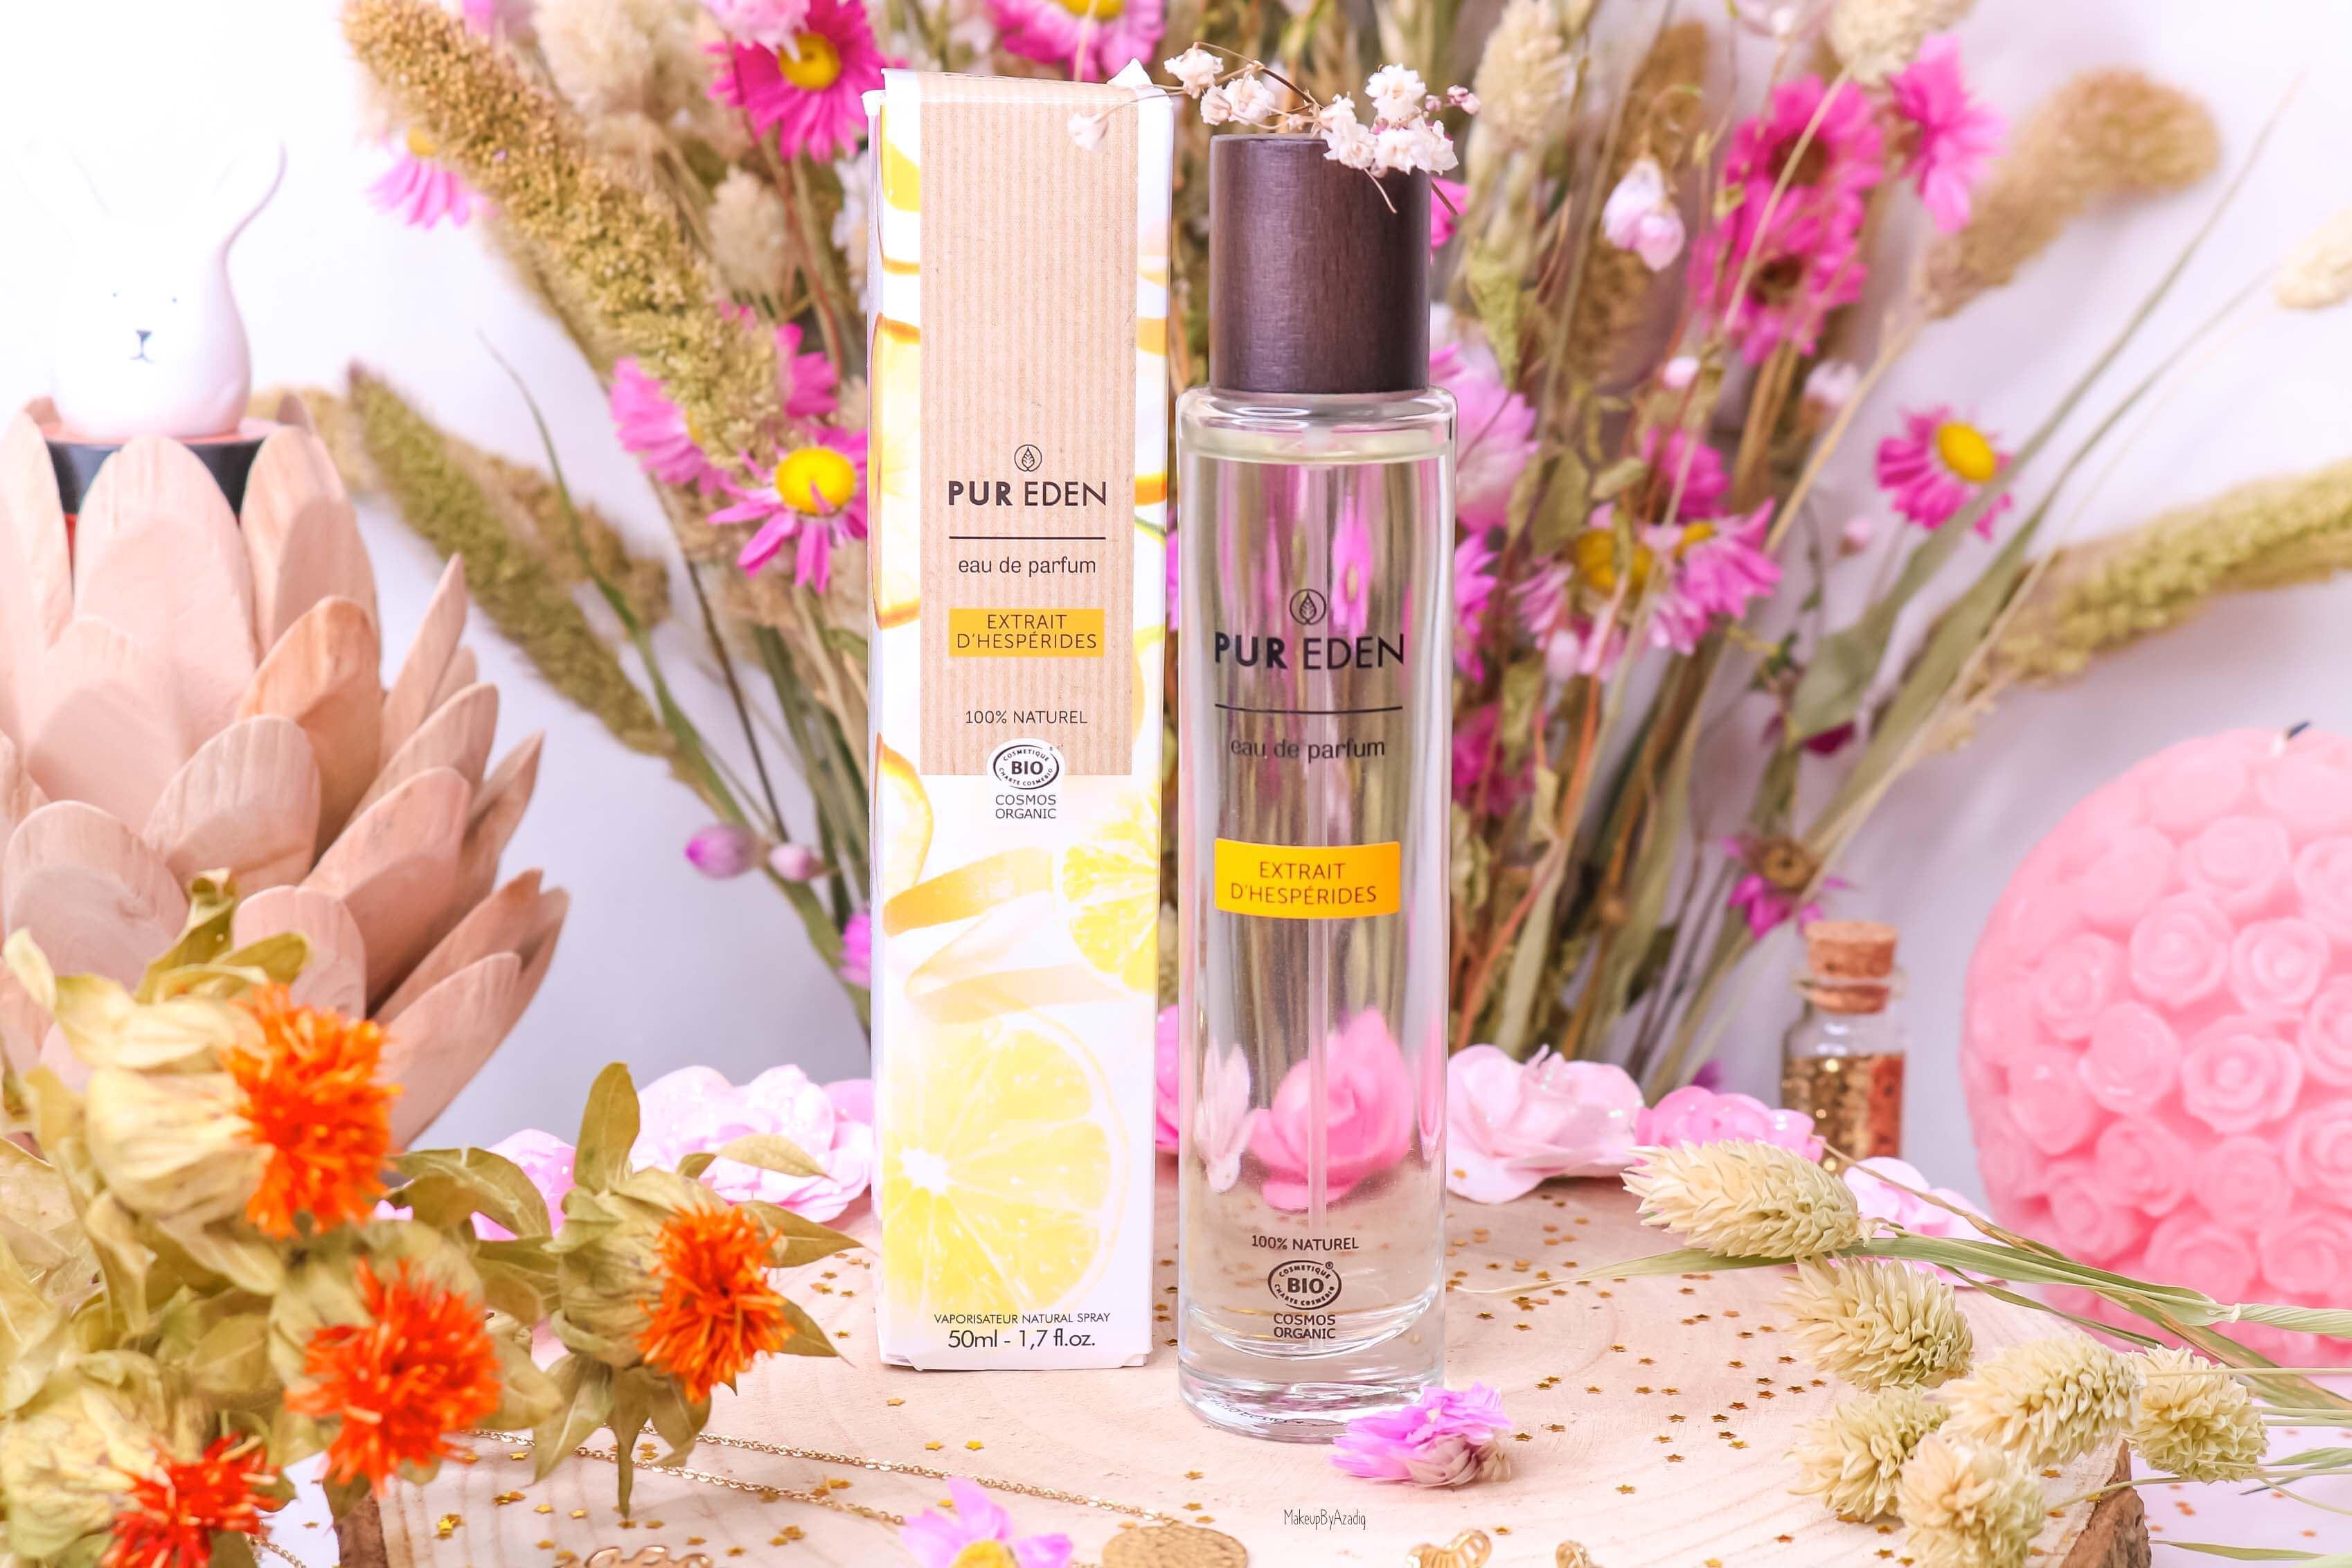 revue-eau-de-parfum-bio-vegan-pur-eden-fleur-boreale-extraits-hesperides-eau-dorient-makeupbyazadig-avis-prix-tenue-agrumes